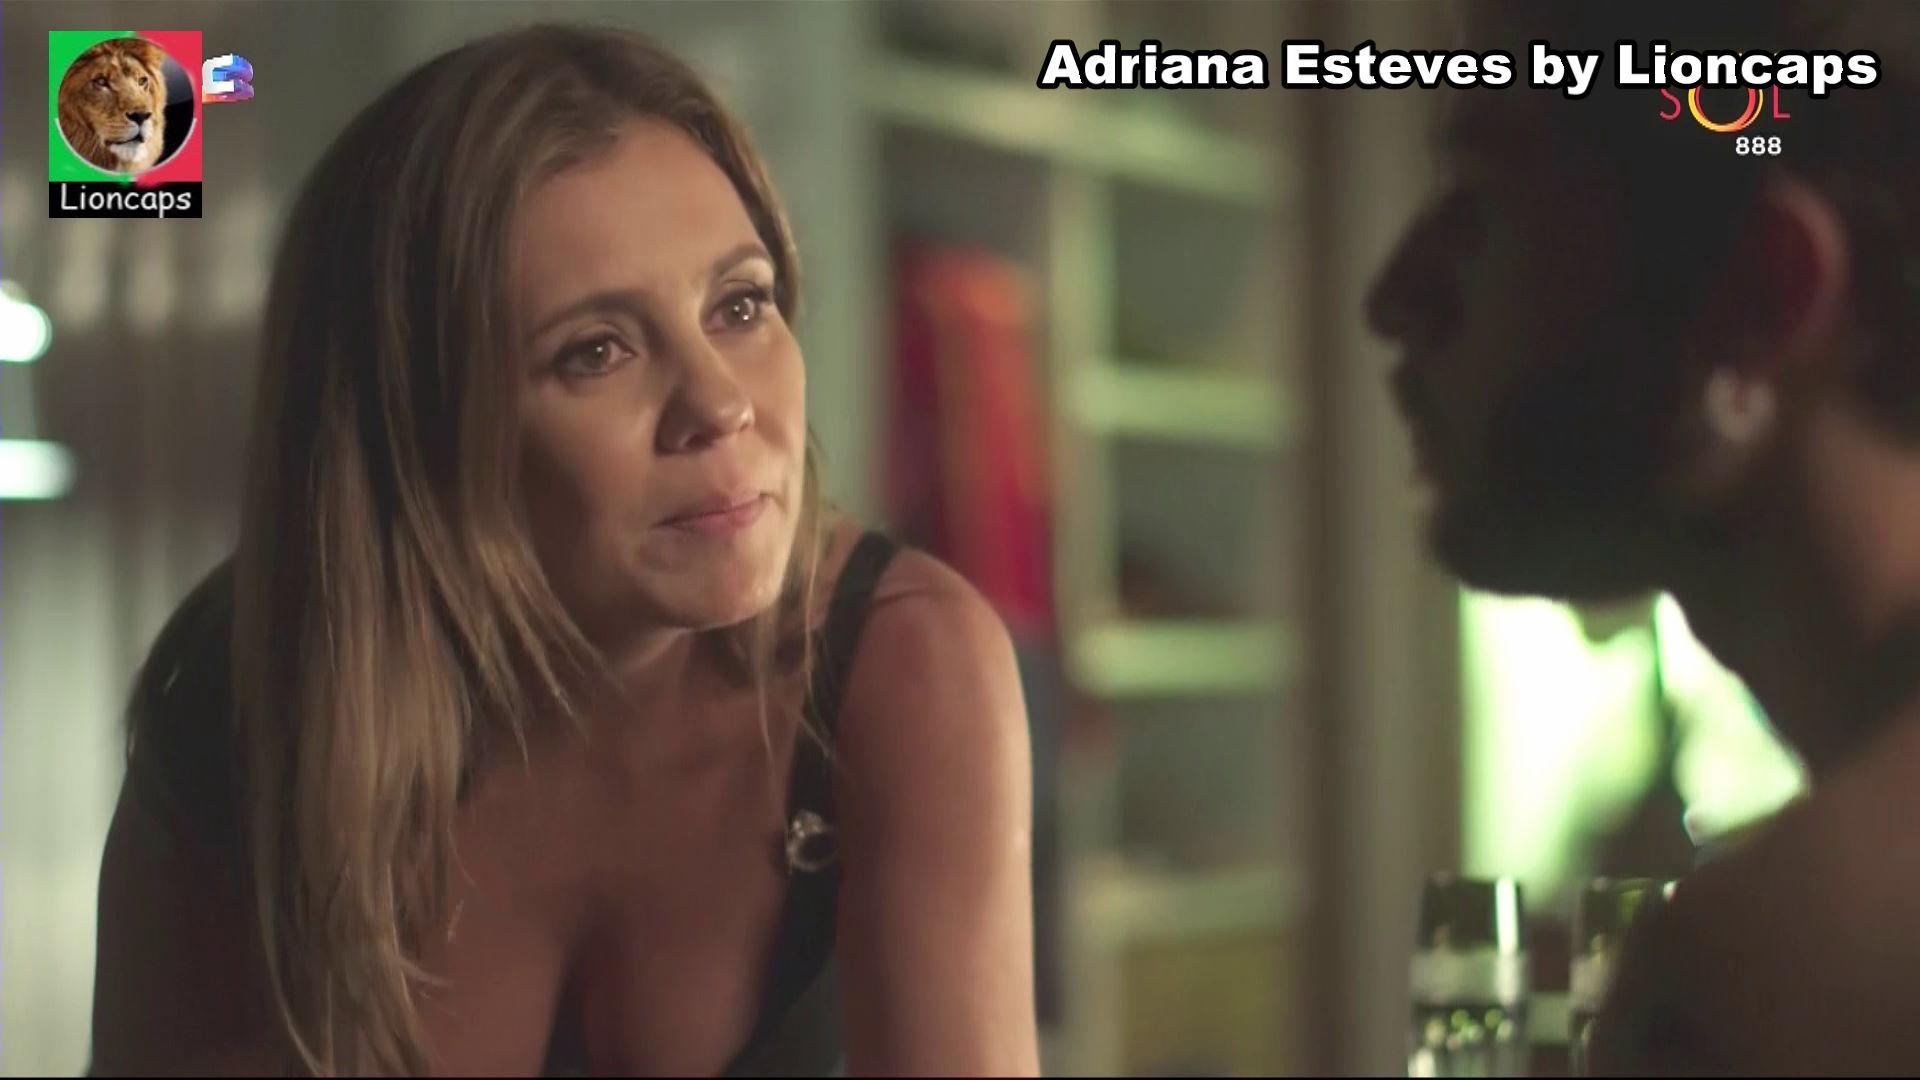 796745641_adriana_esteves_segundo_vs190305_12813_122_423lo.JPG